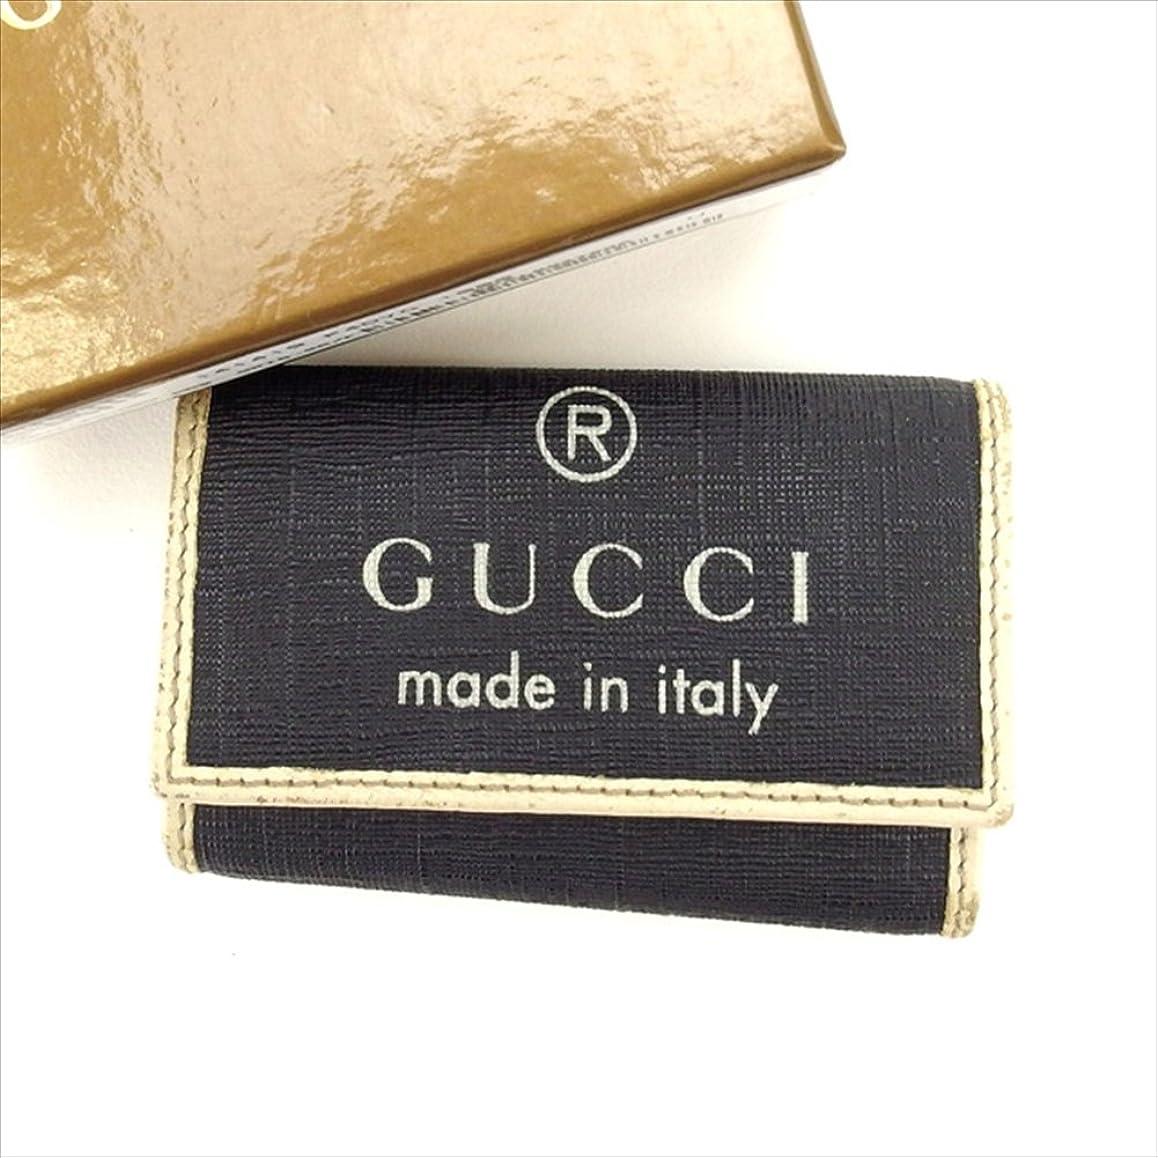 着陸戸惑う喜劇(グッチ) Gucci キーケース 6連キーケース ブラック×ホワイト系 ロゴ レディース 中古 L401